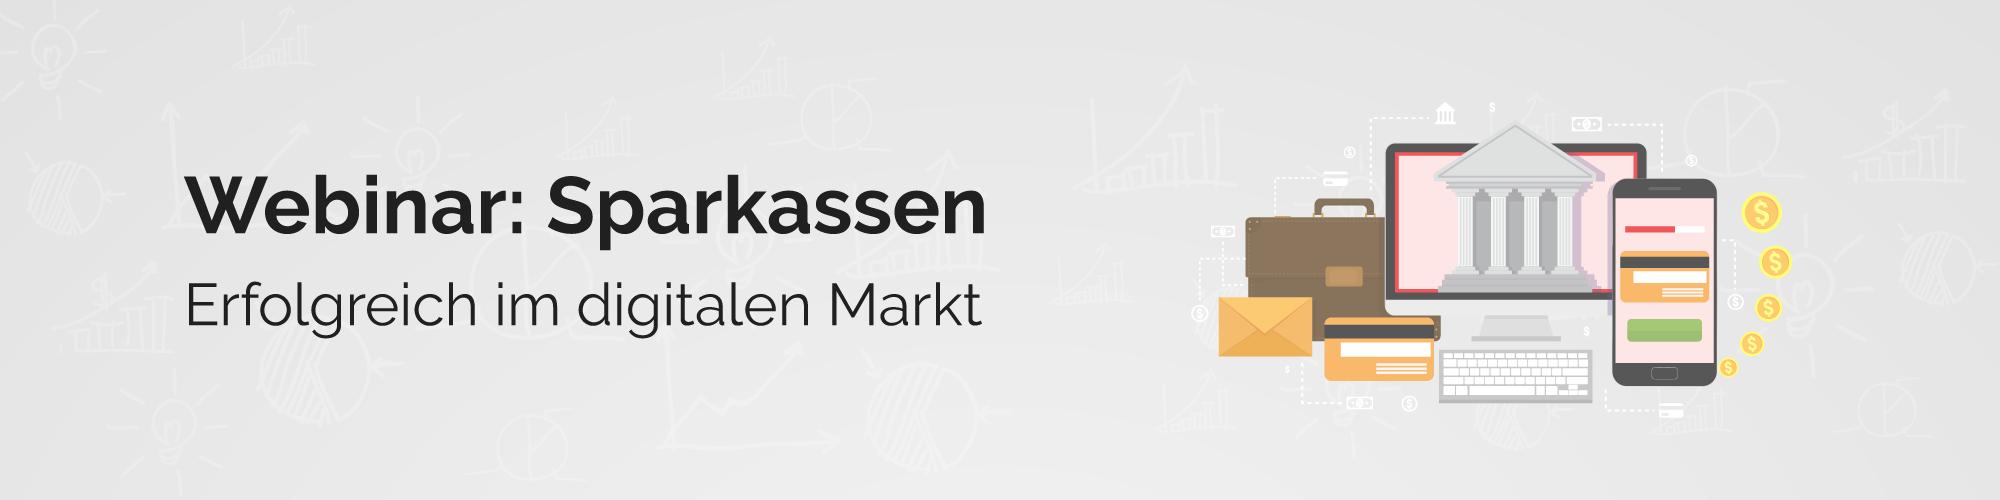 innoplexia-banner-Webinar-Sparkassen-erfolgreich-im-digitalen-Markt-2000x500.png